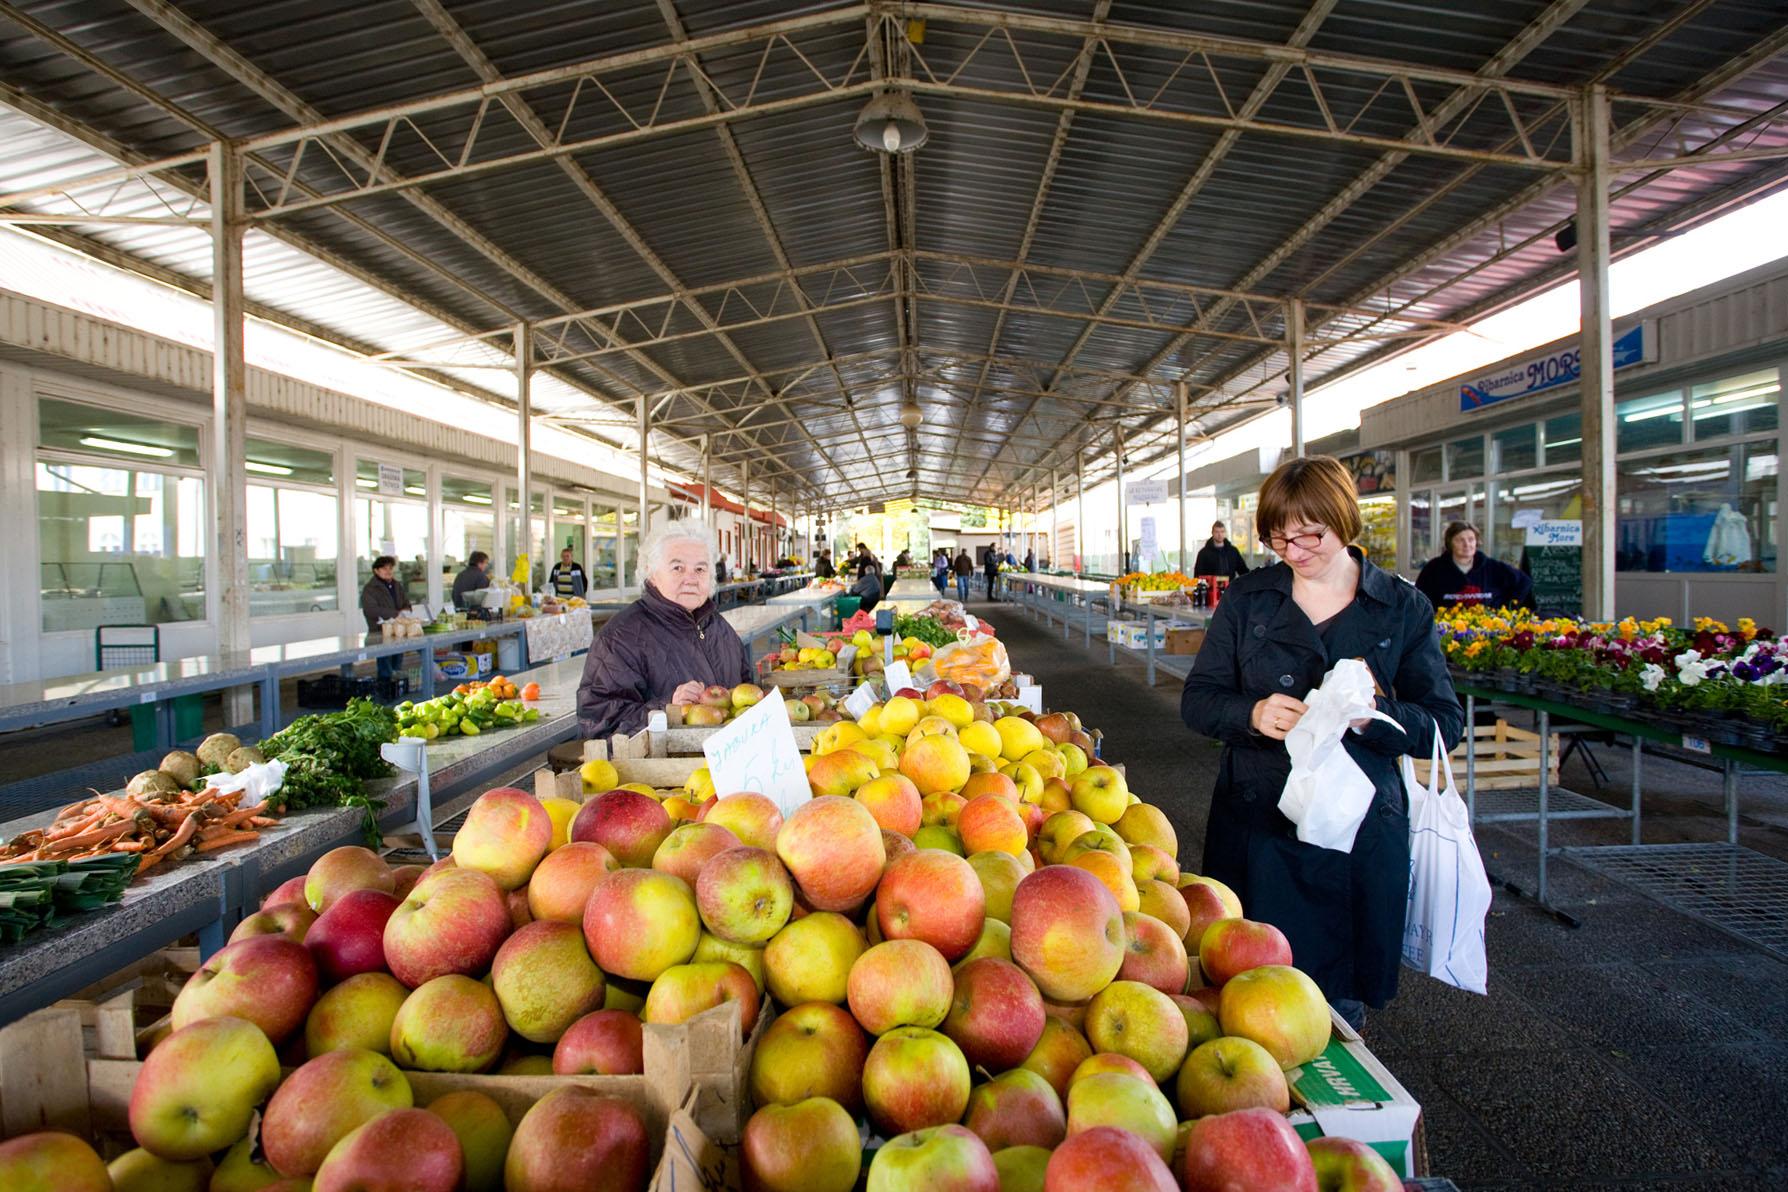 OTVORENI JAVNI NATJEČAJ za davanje u zakup poslovnog prostora na Gradskoj tržnici